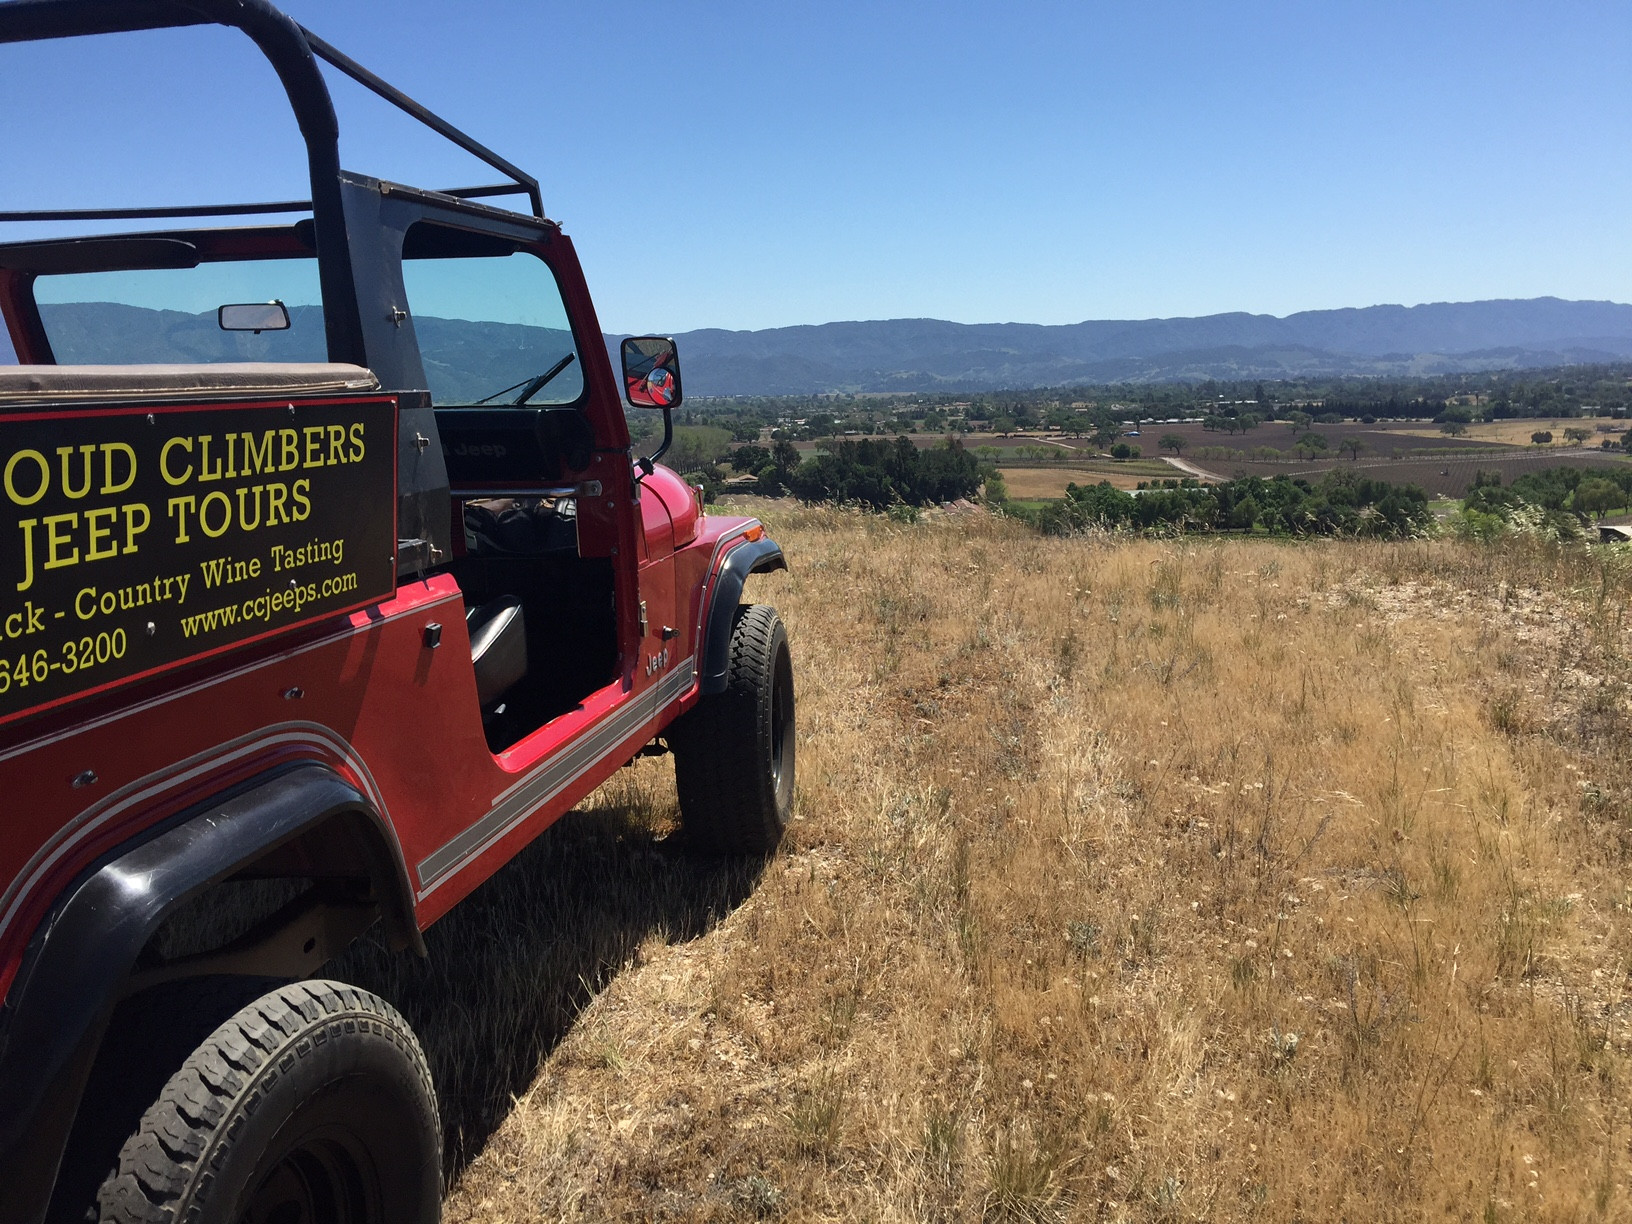 Mon-Tue: All Around Ojai Jeep Tour